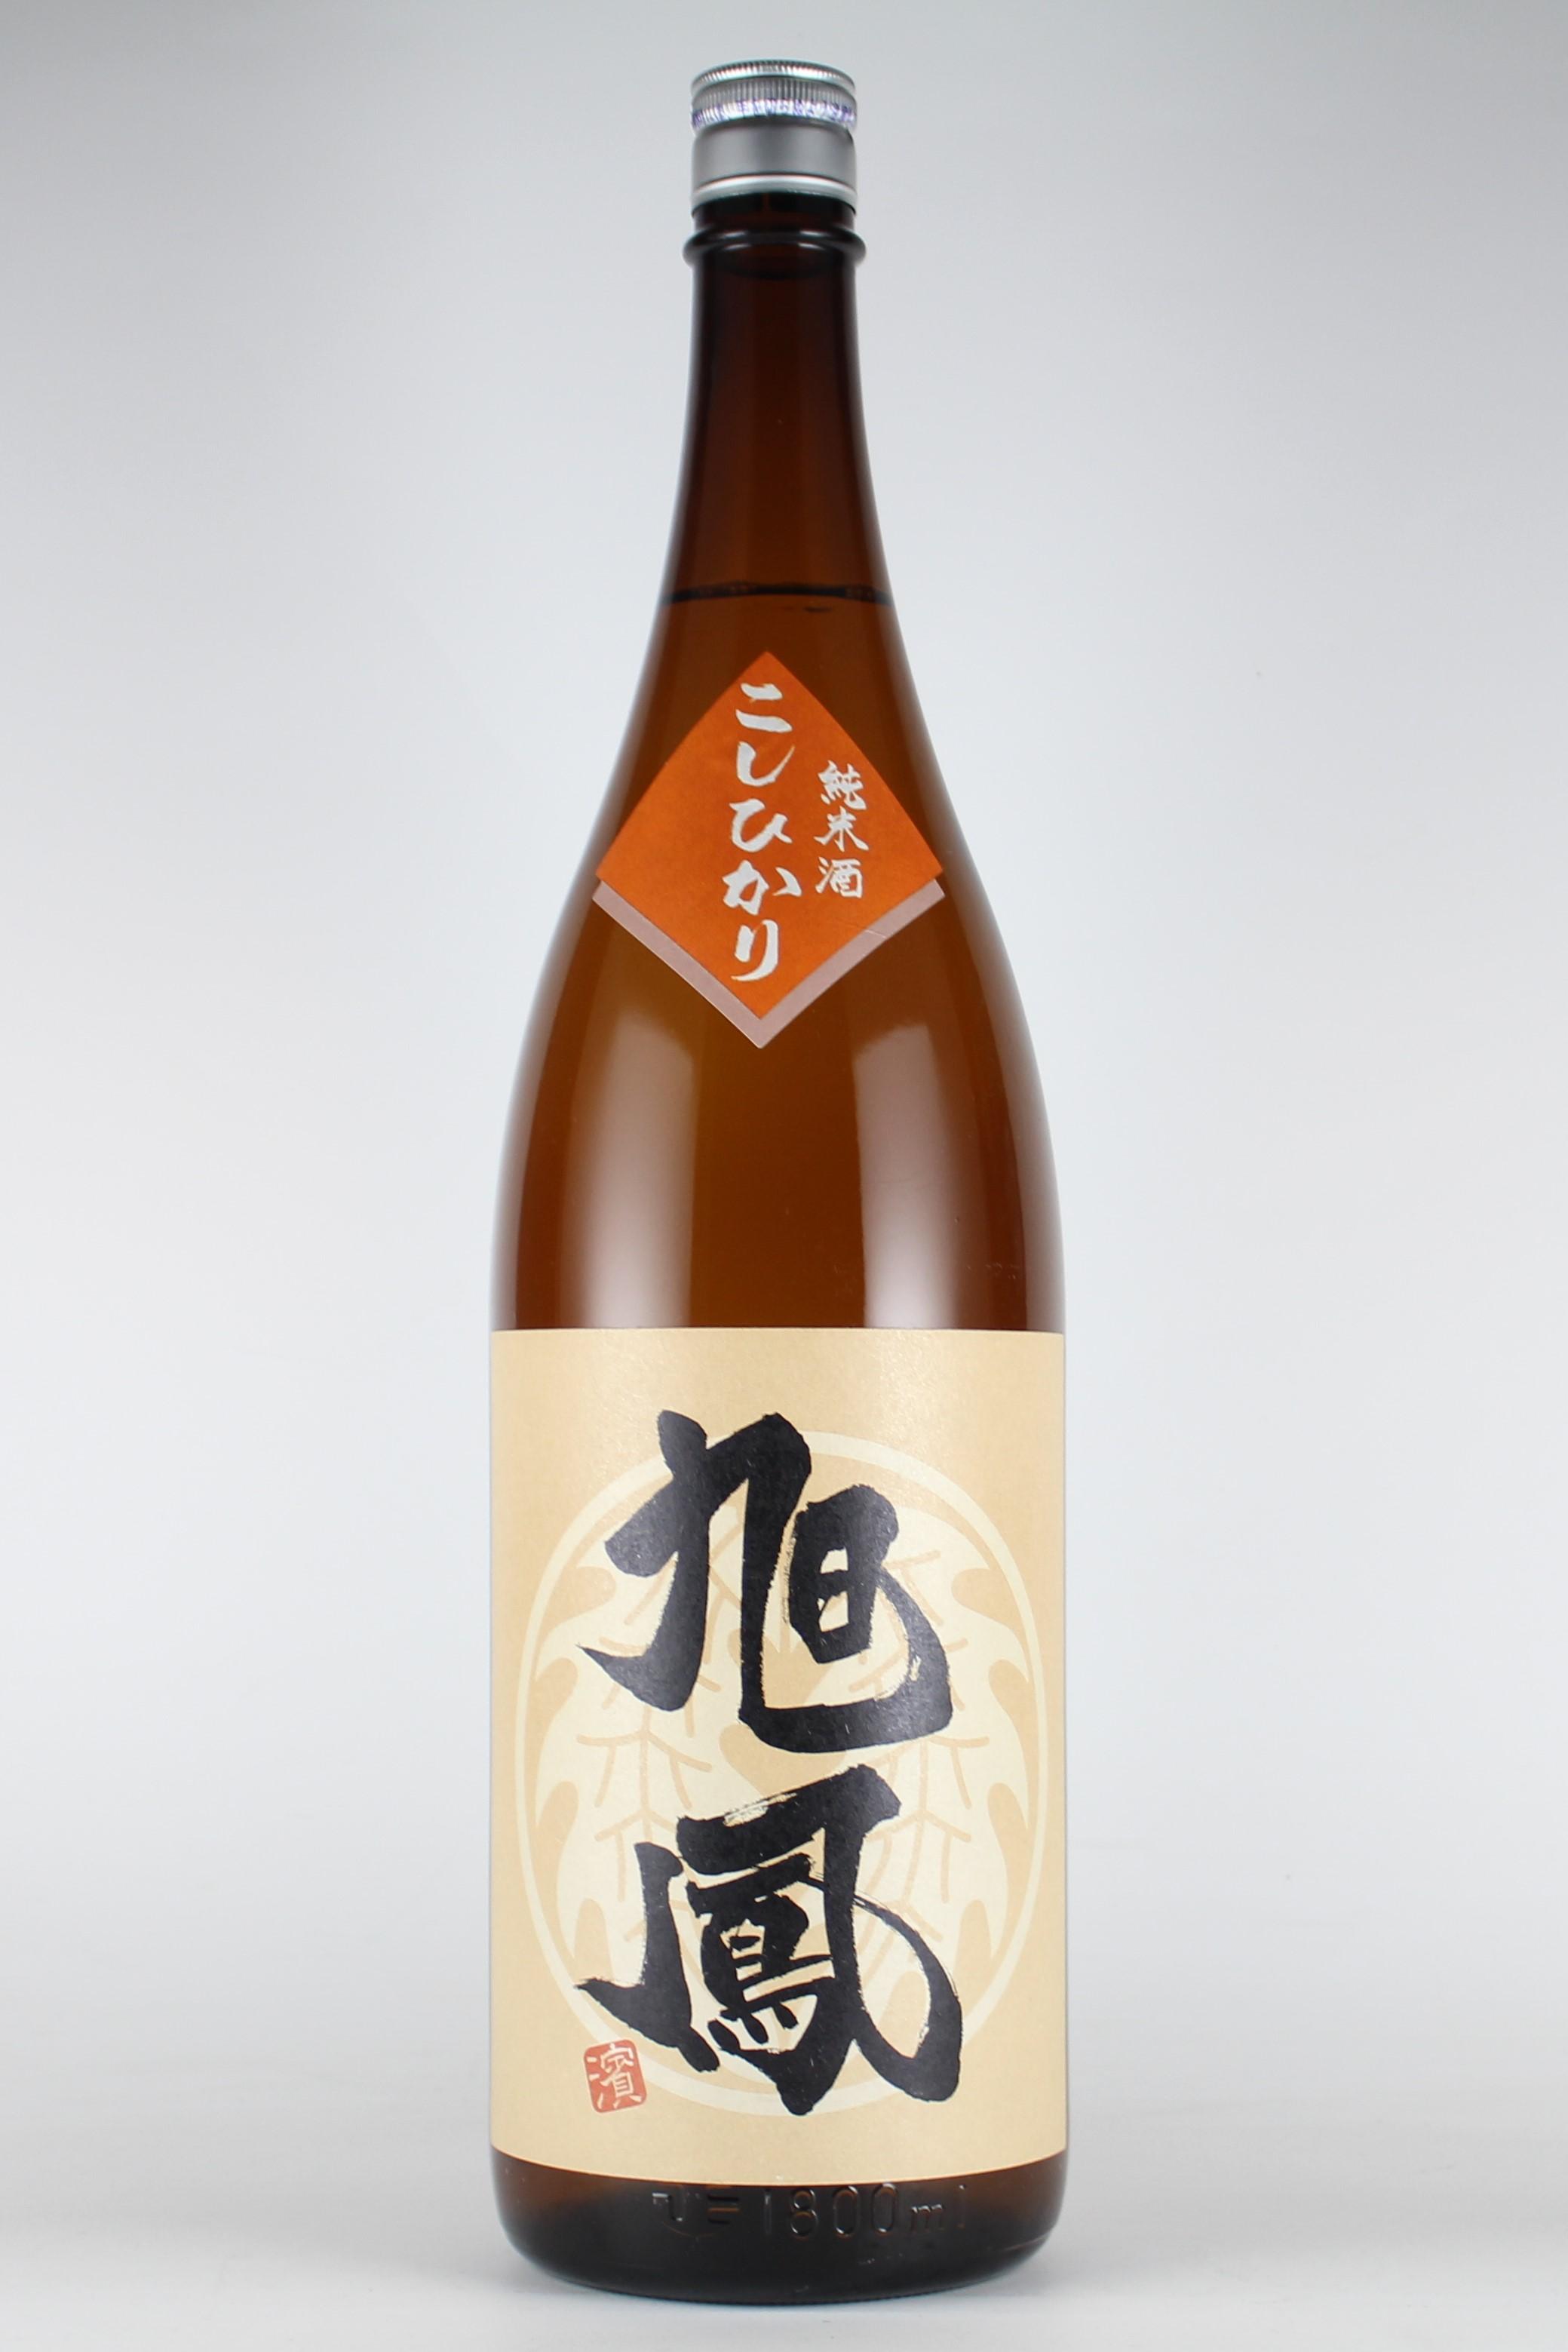 旭鳳 純米 こしひかり 1800ml 【広島/旭鳳酒造】蔵出限定100本